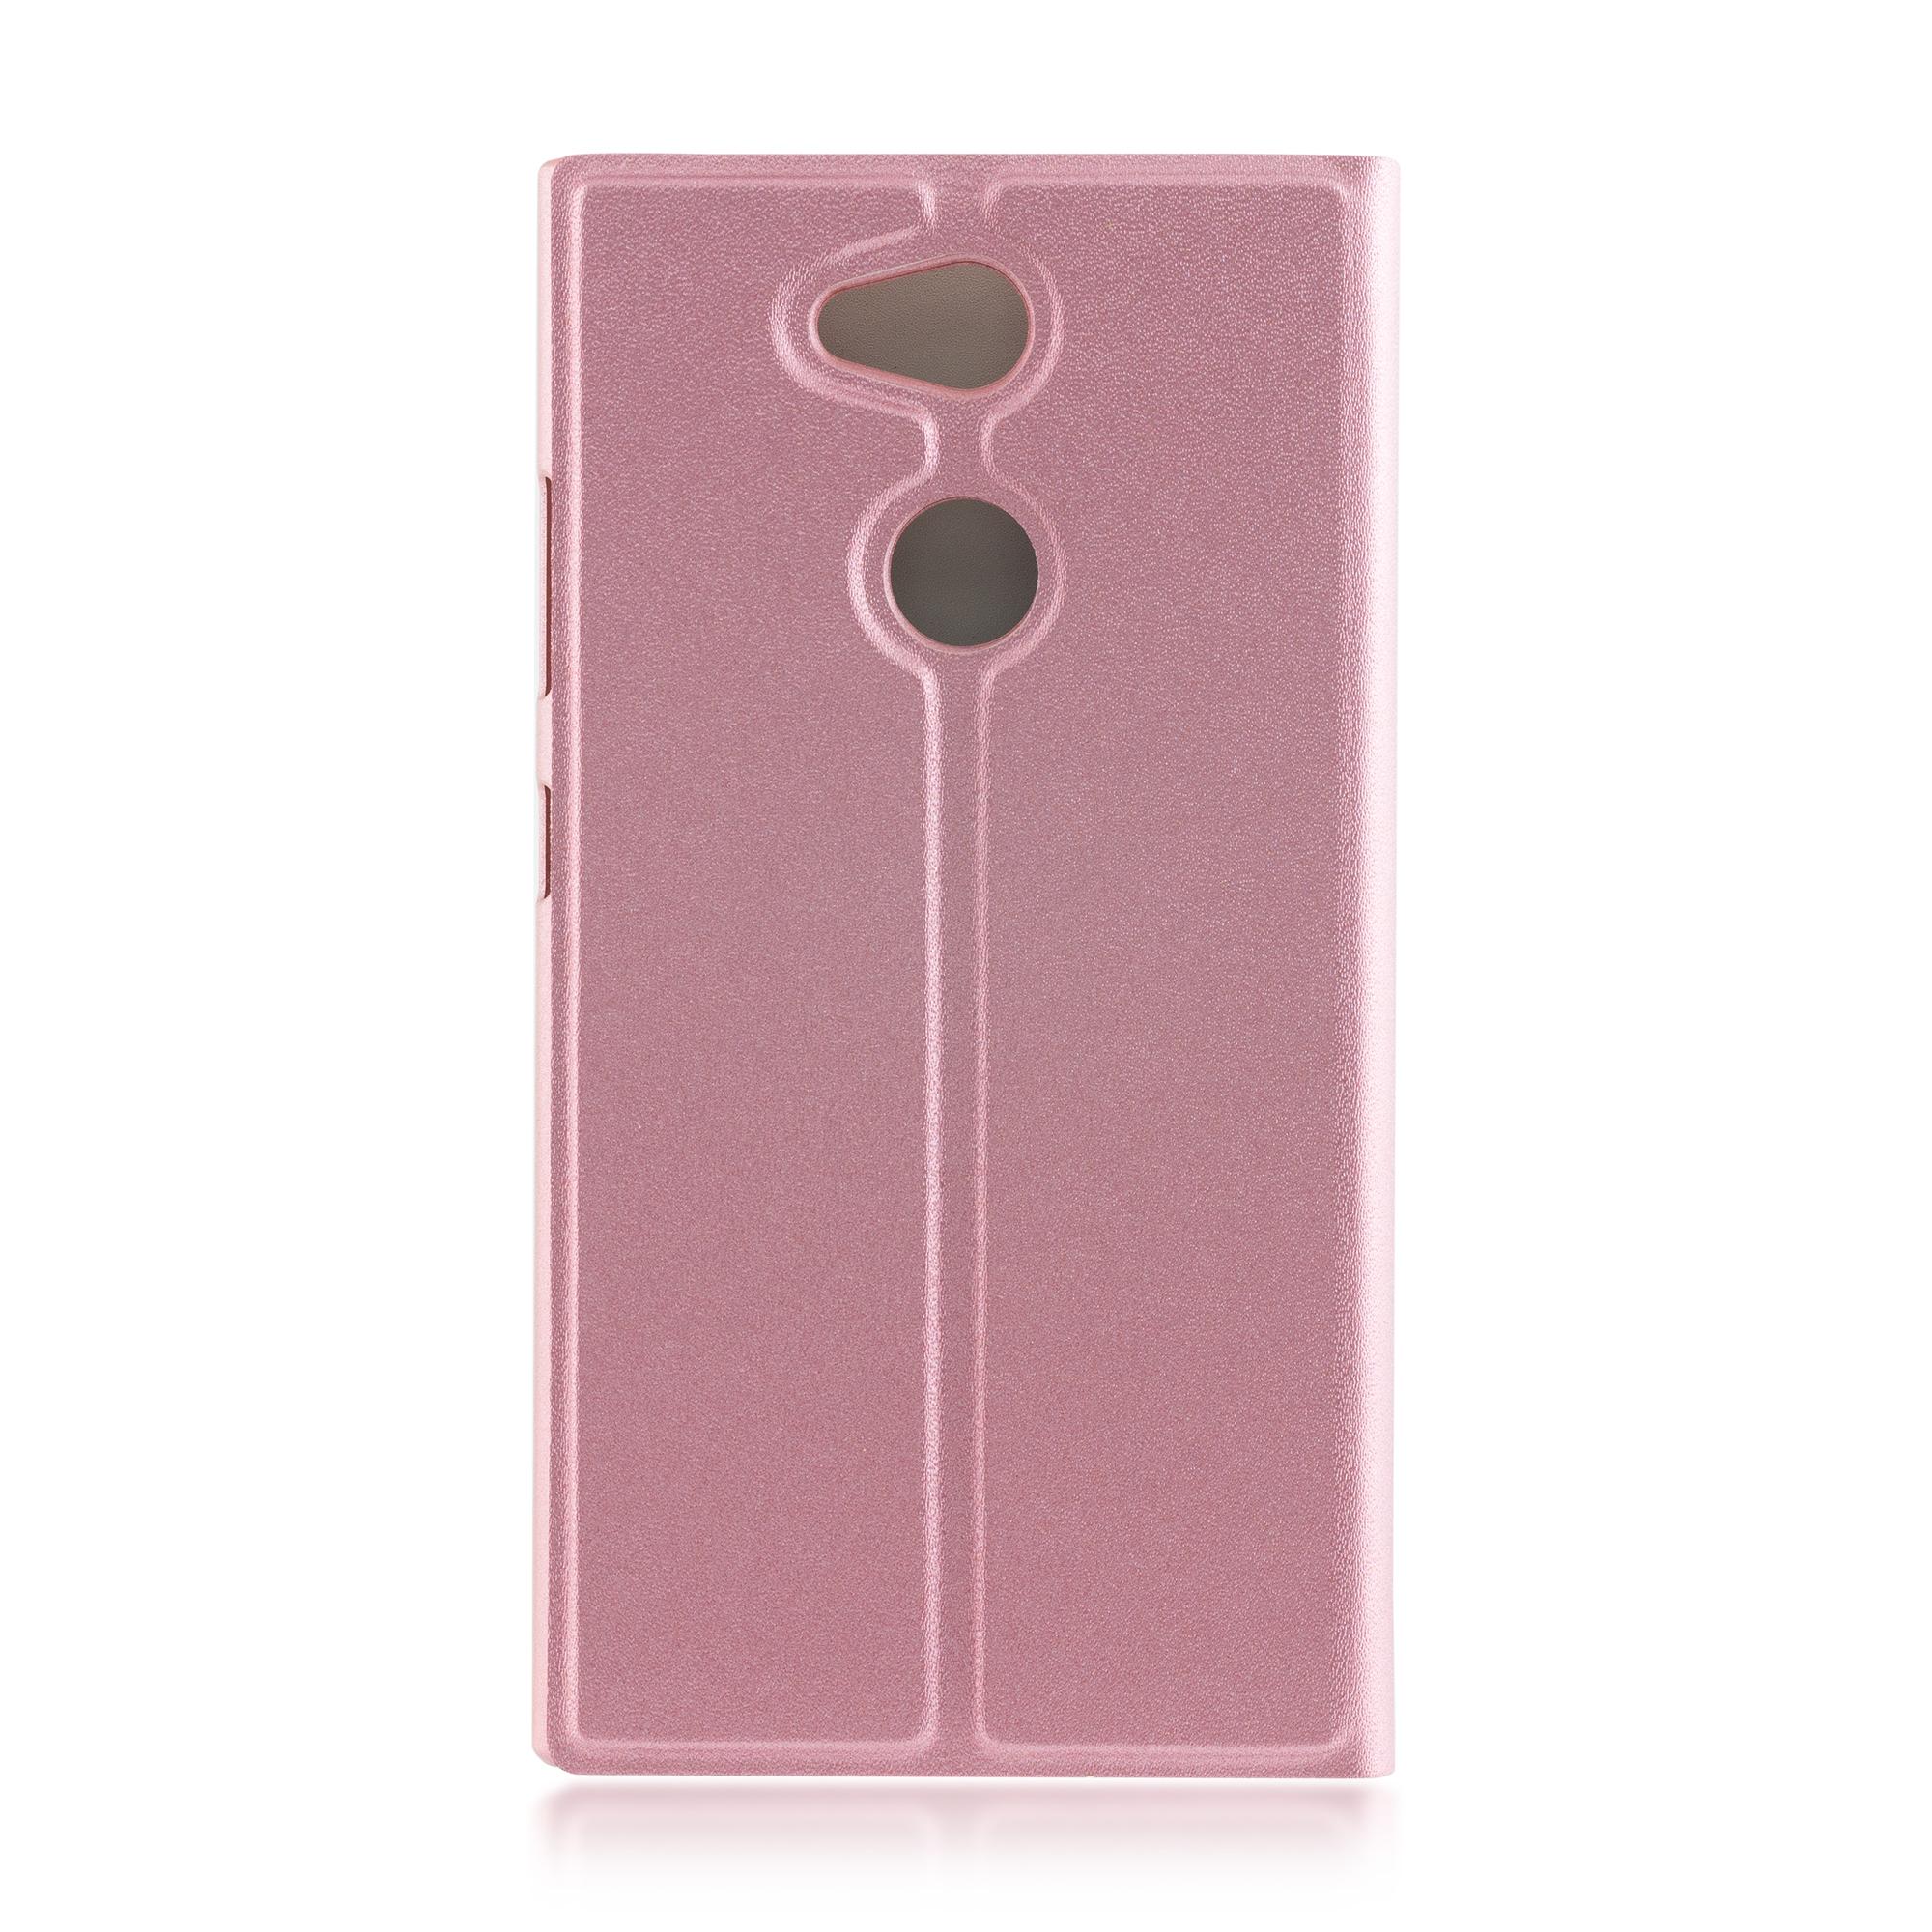 Чехол для Xperia L2 розового цвета купить в Sony Centre Воронеж